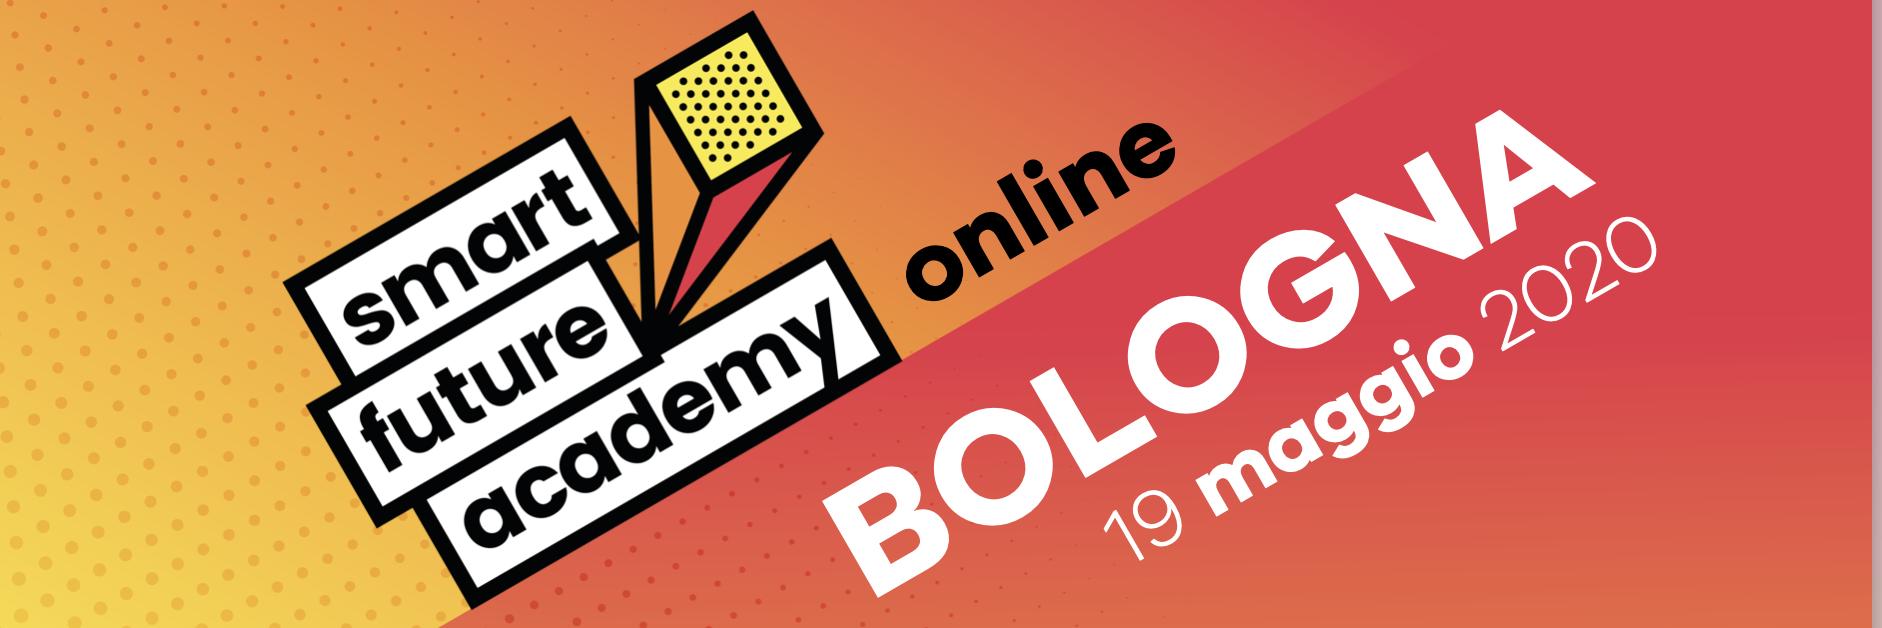 Bologna Online 2020